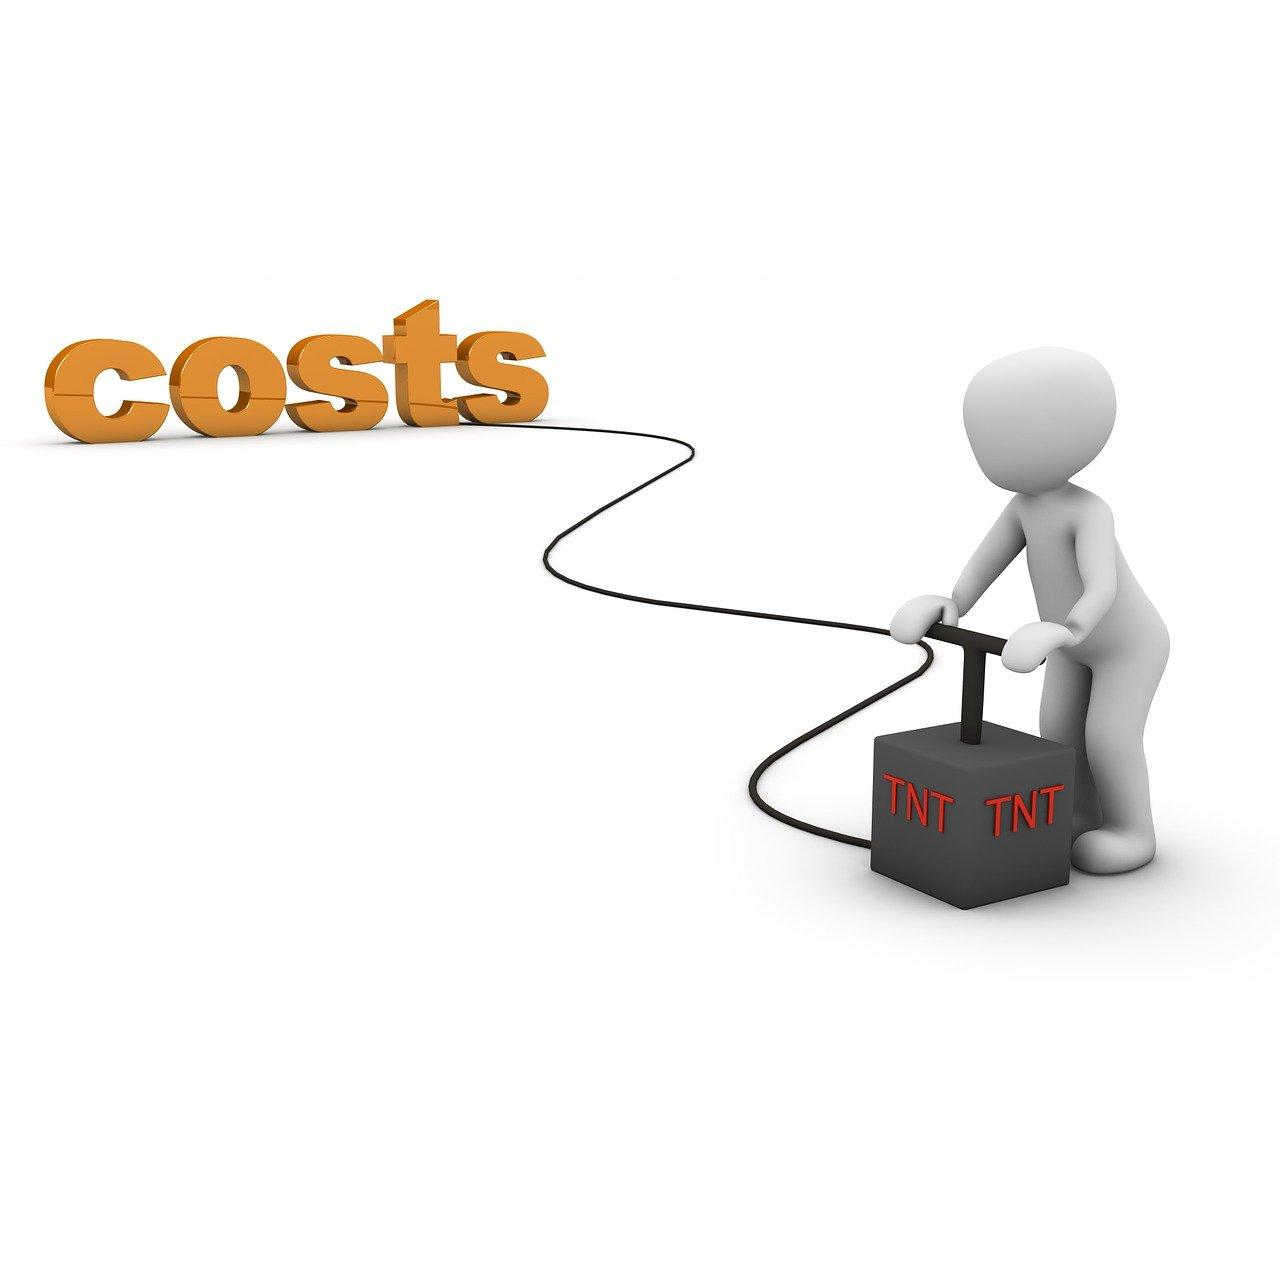 Fysioterapian kustannustehokkuus on alaselkäkivun osalta kohtuullista ja sen avulla voidaan saada aikaan säästöjä